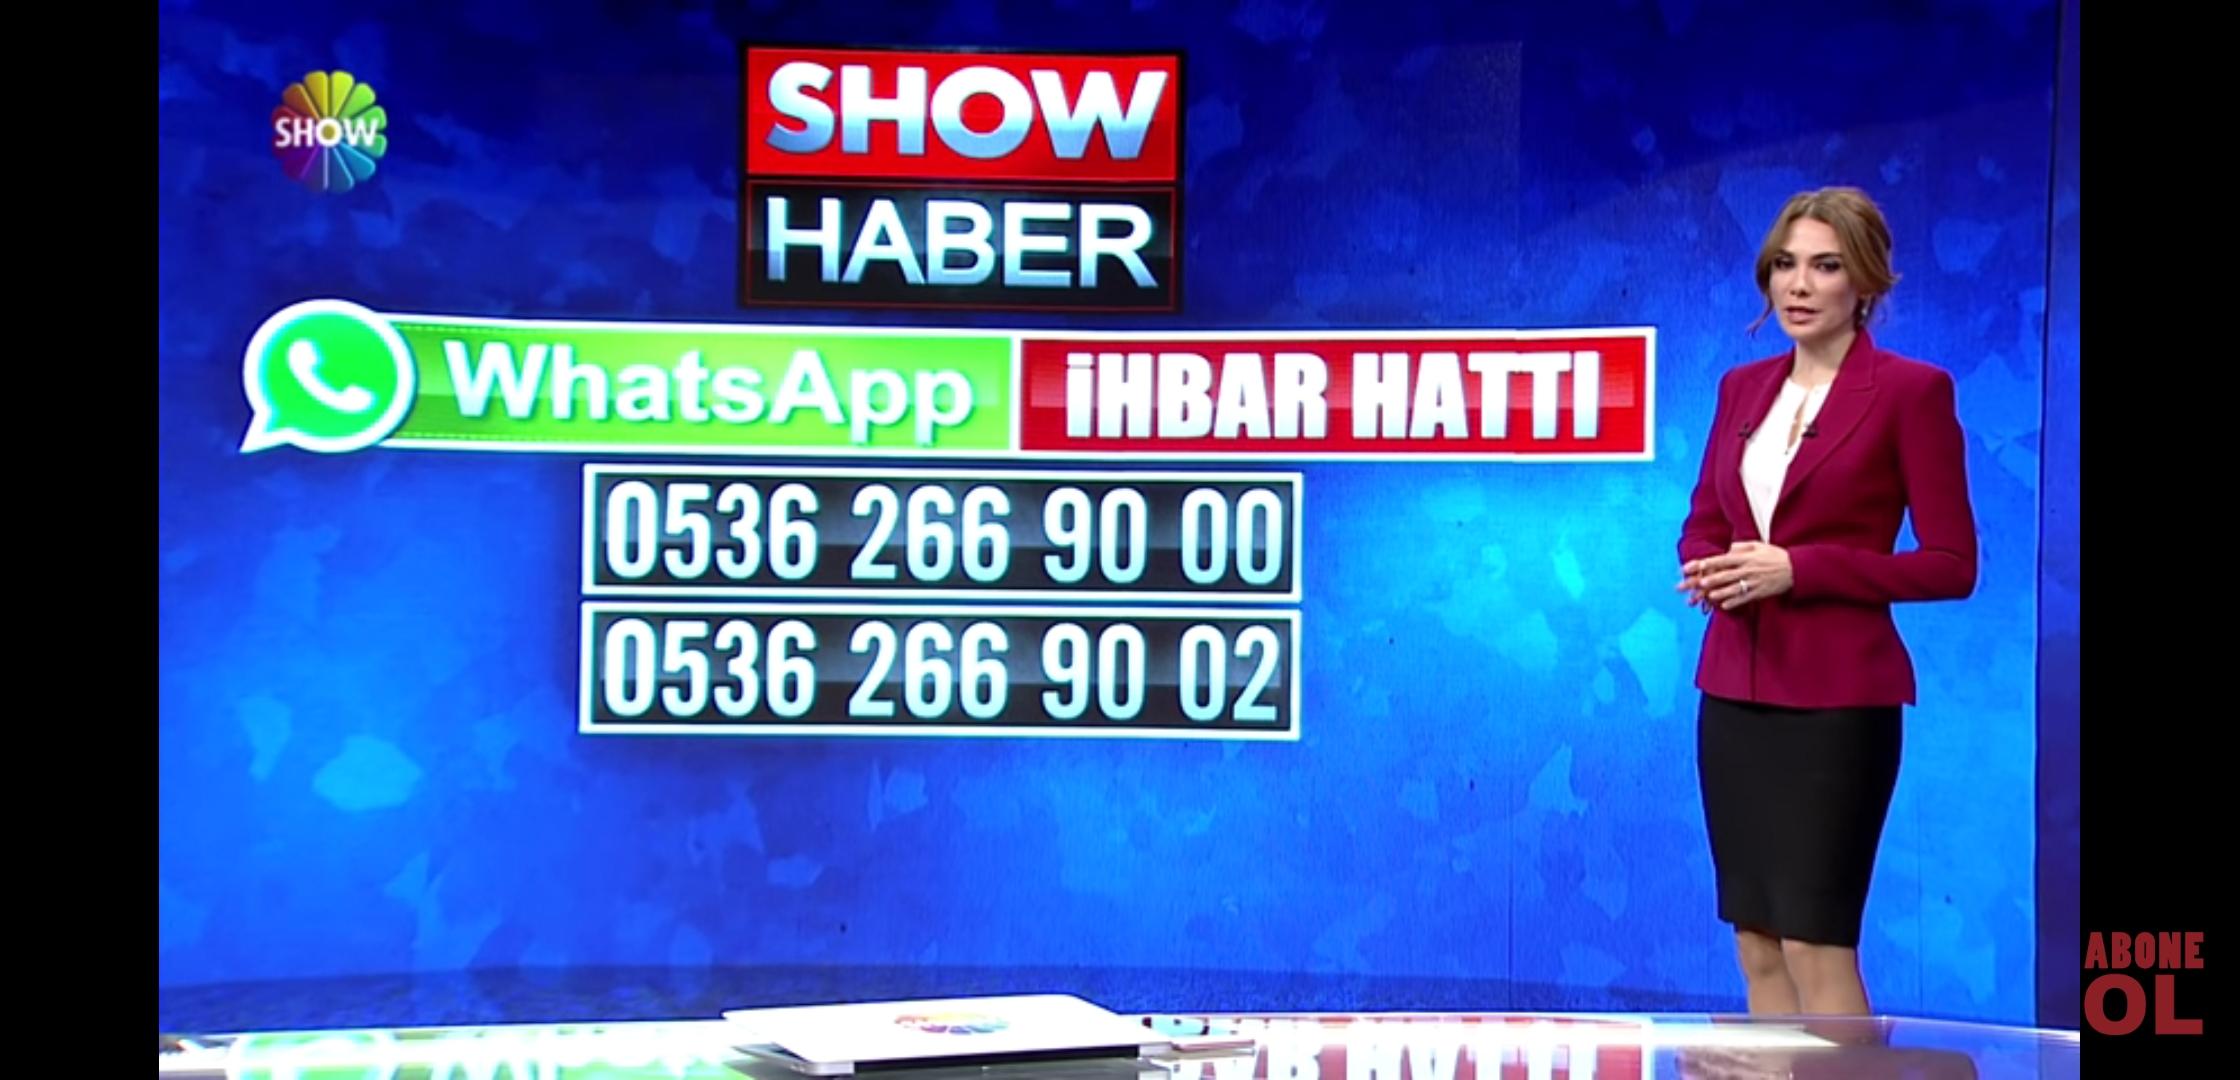 show haber whatsapp hattı